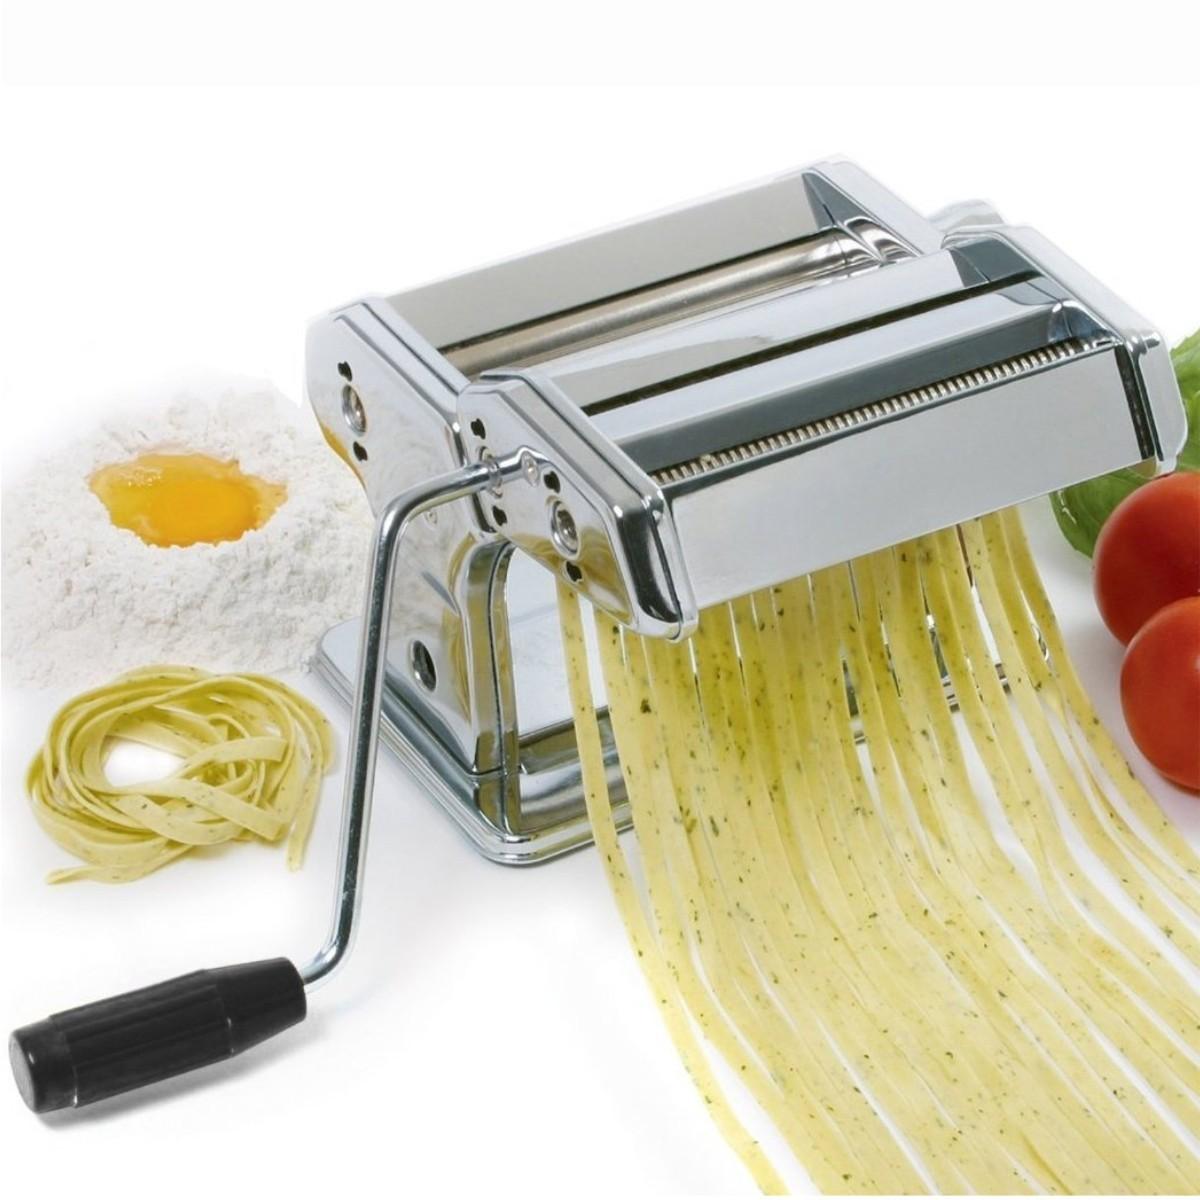 M quina para hacer pasta en acero inoxidable spaghetti - Maquina para hacer pastas caseras ...